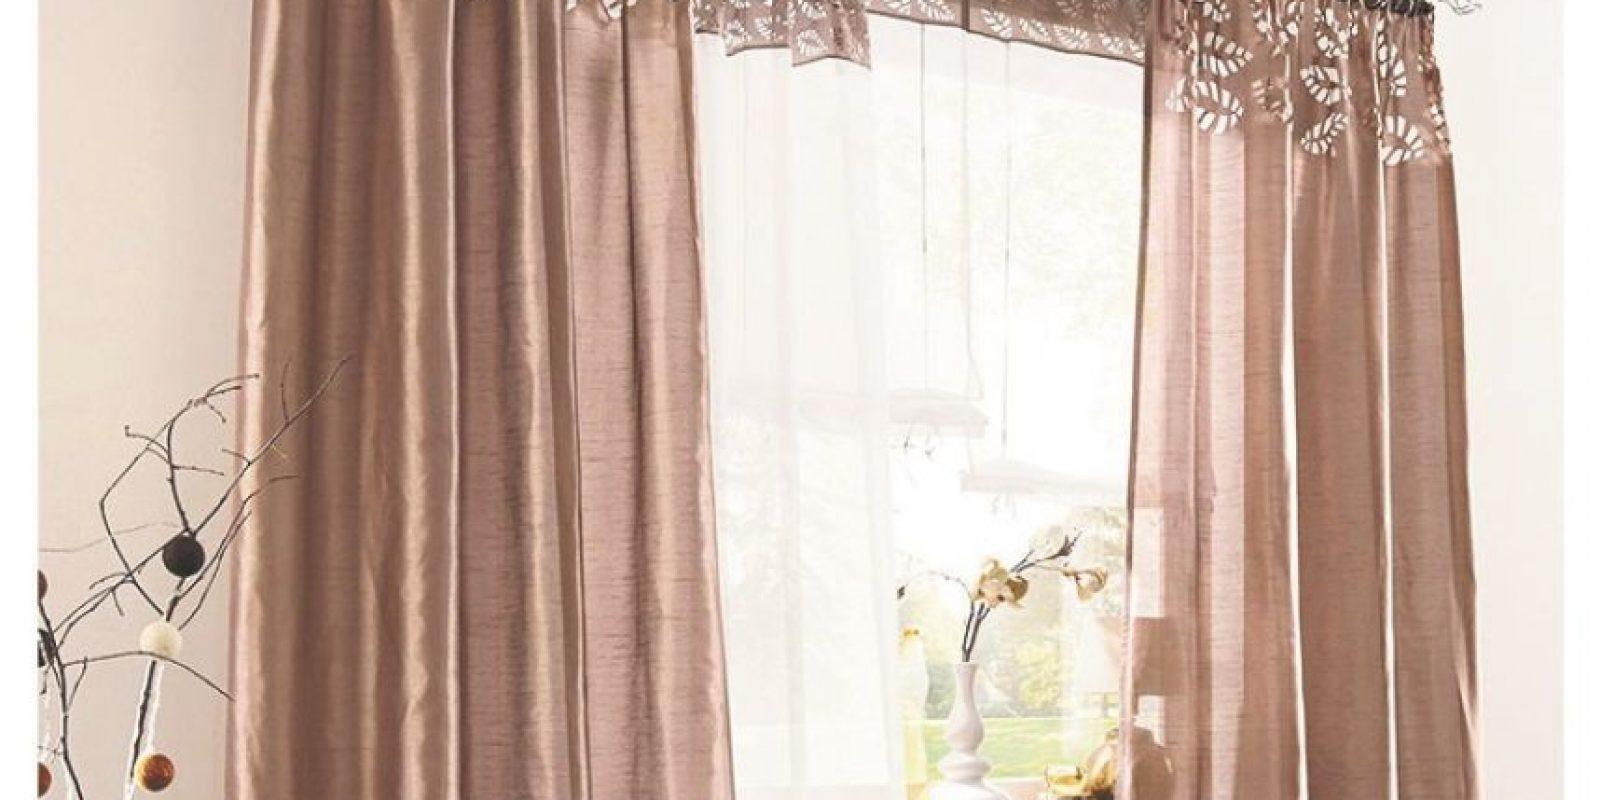 3- Medidas en tu hogar. El calor puede ser muy dañino para la salud, por lo que se recomienda mantener las ventanas abiertas durante el día para que la brisa que llega combata el aire caliente y al momento de ir a dormir tu hogar esté más fresco.Ten mucho cuidado con las ventanas que reciben la luz del sol; no permanezcas dentro de tu casa sin un ventilador; si no tienes, busca un lugar donde no estés encerrado; no dejes alimentos que se puedan descomponer expuestos al calor, consume inmediatamente después de su preparación para evitar que estos se descompongan, mantén el agua de tomar cerca de los niños o accesible para ellos. Foto:Fuente externa